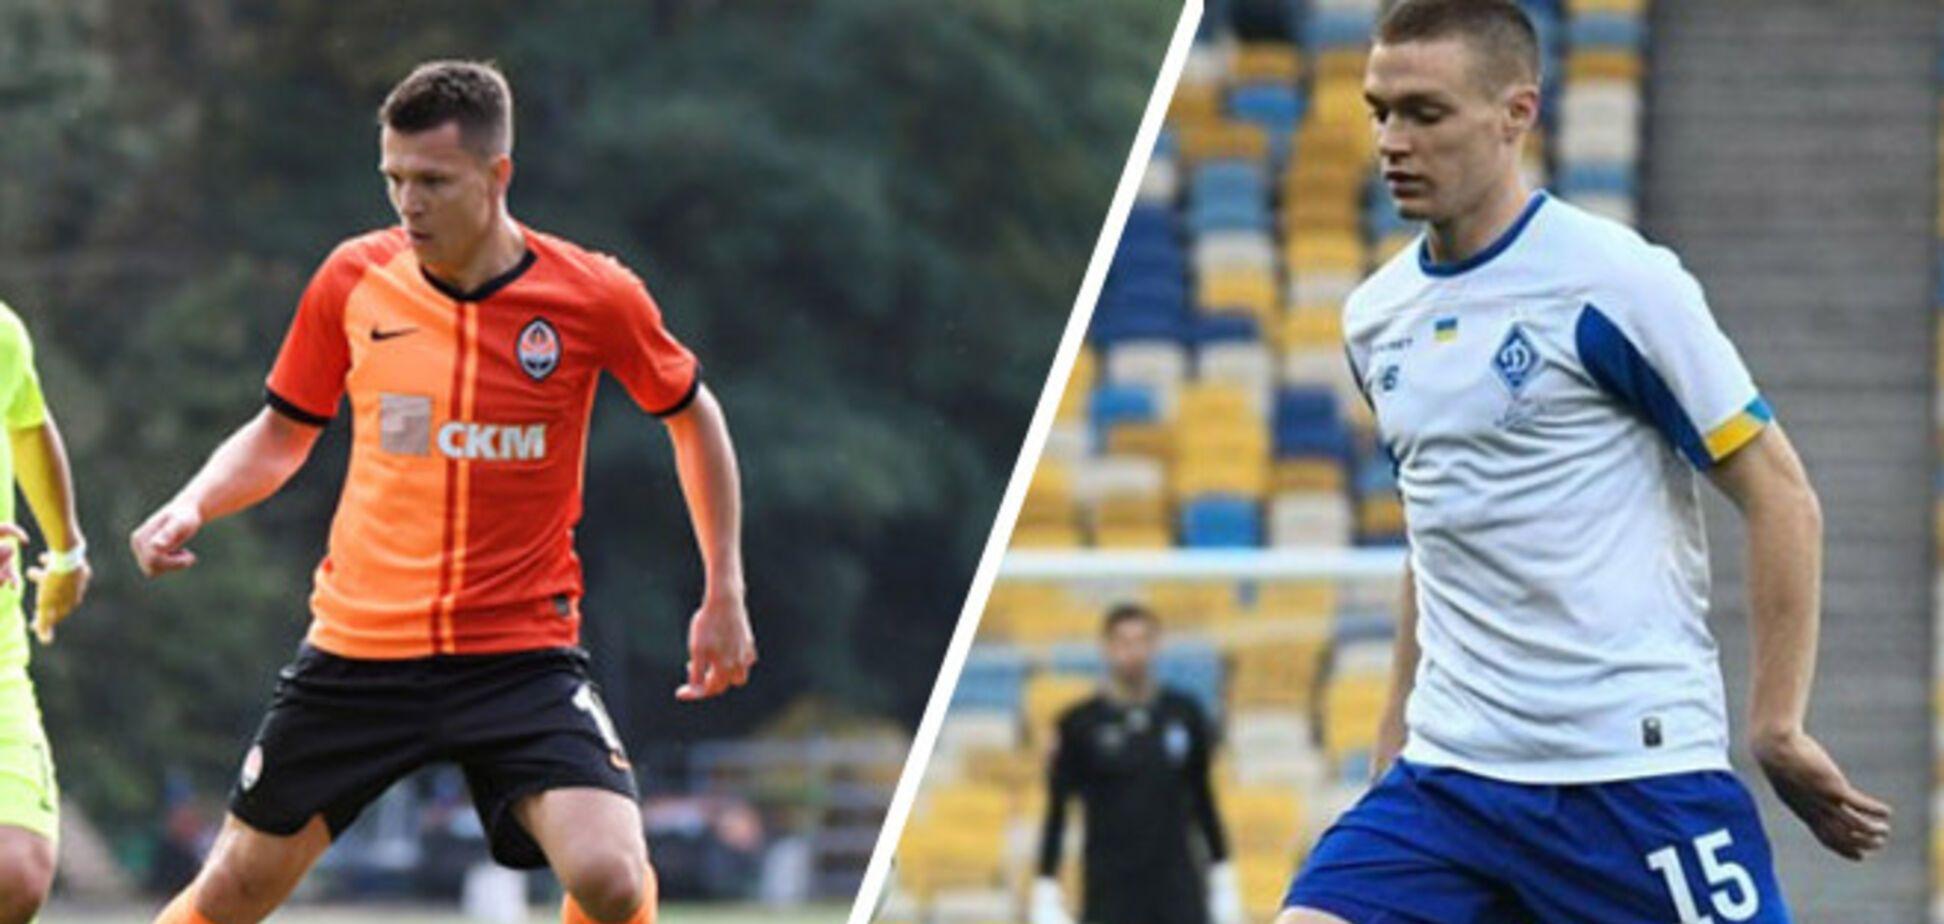 'Динамо' и 'Шахтер' сенсационно потеряли очки в УПЛ